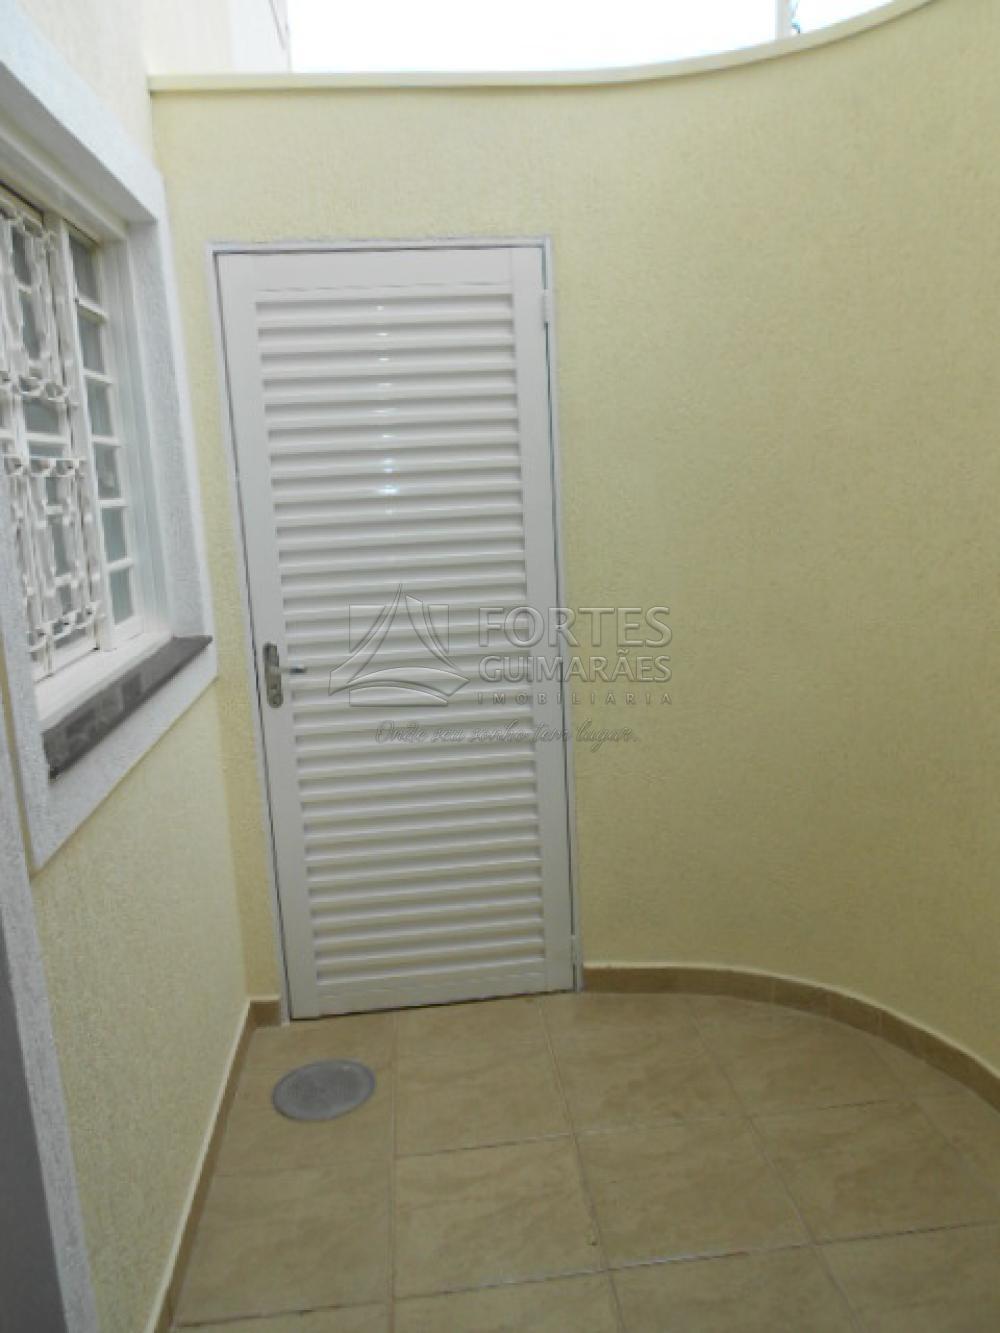 Alugar Casas / Padrão em Ribeirão Preto apenas R$ 3.500,00 - Foto 64